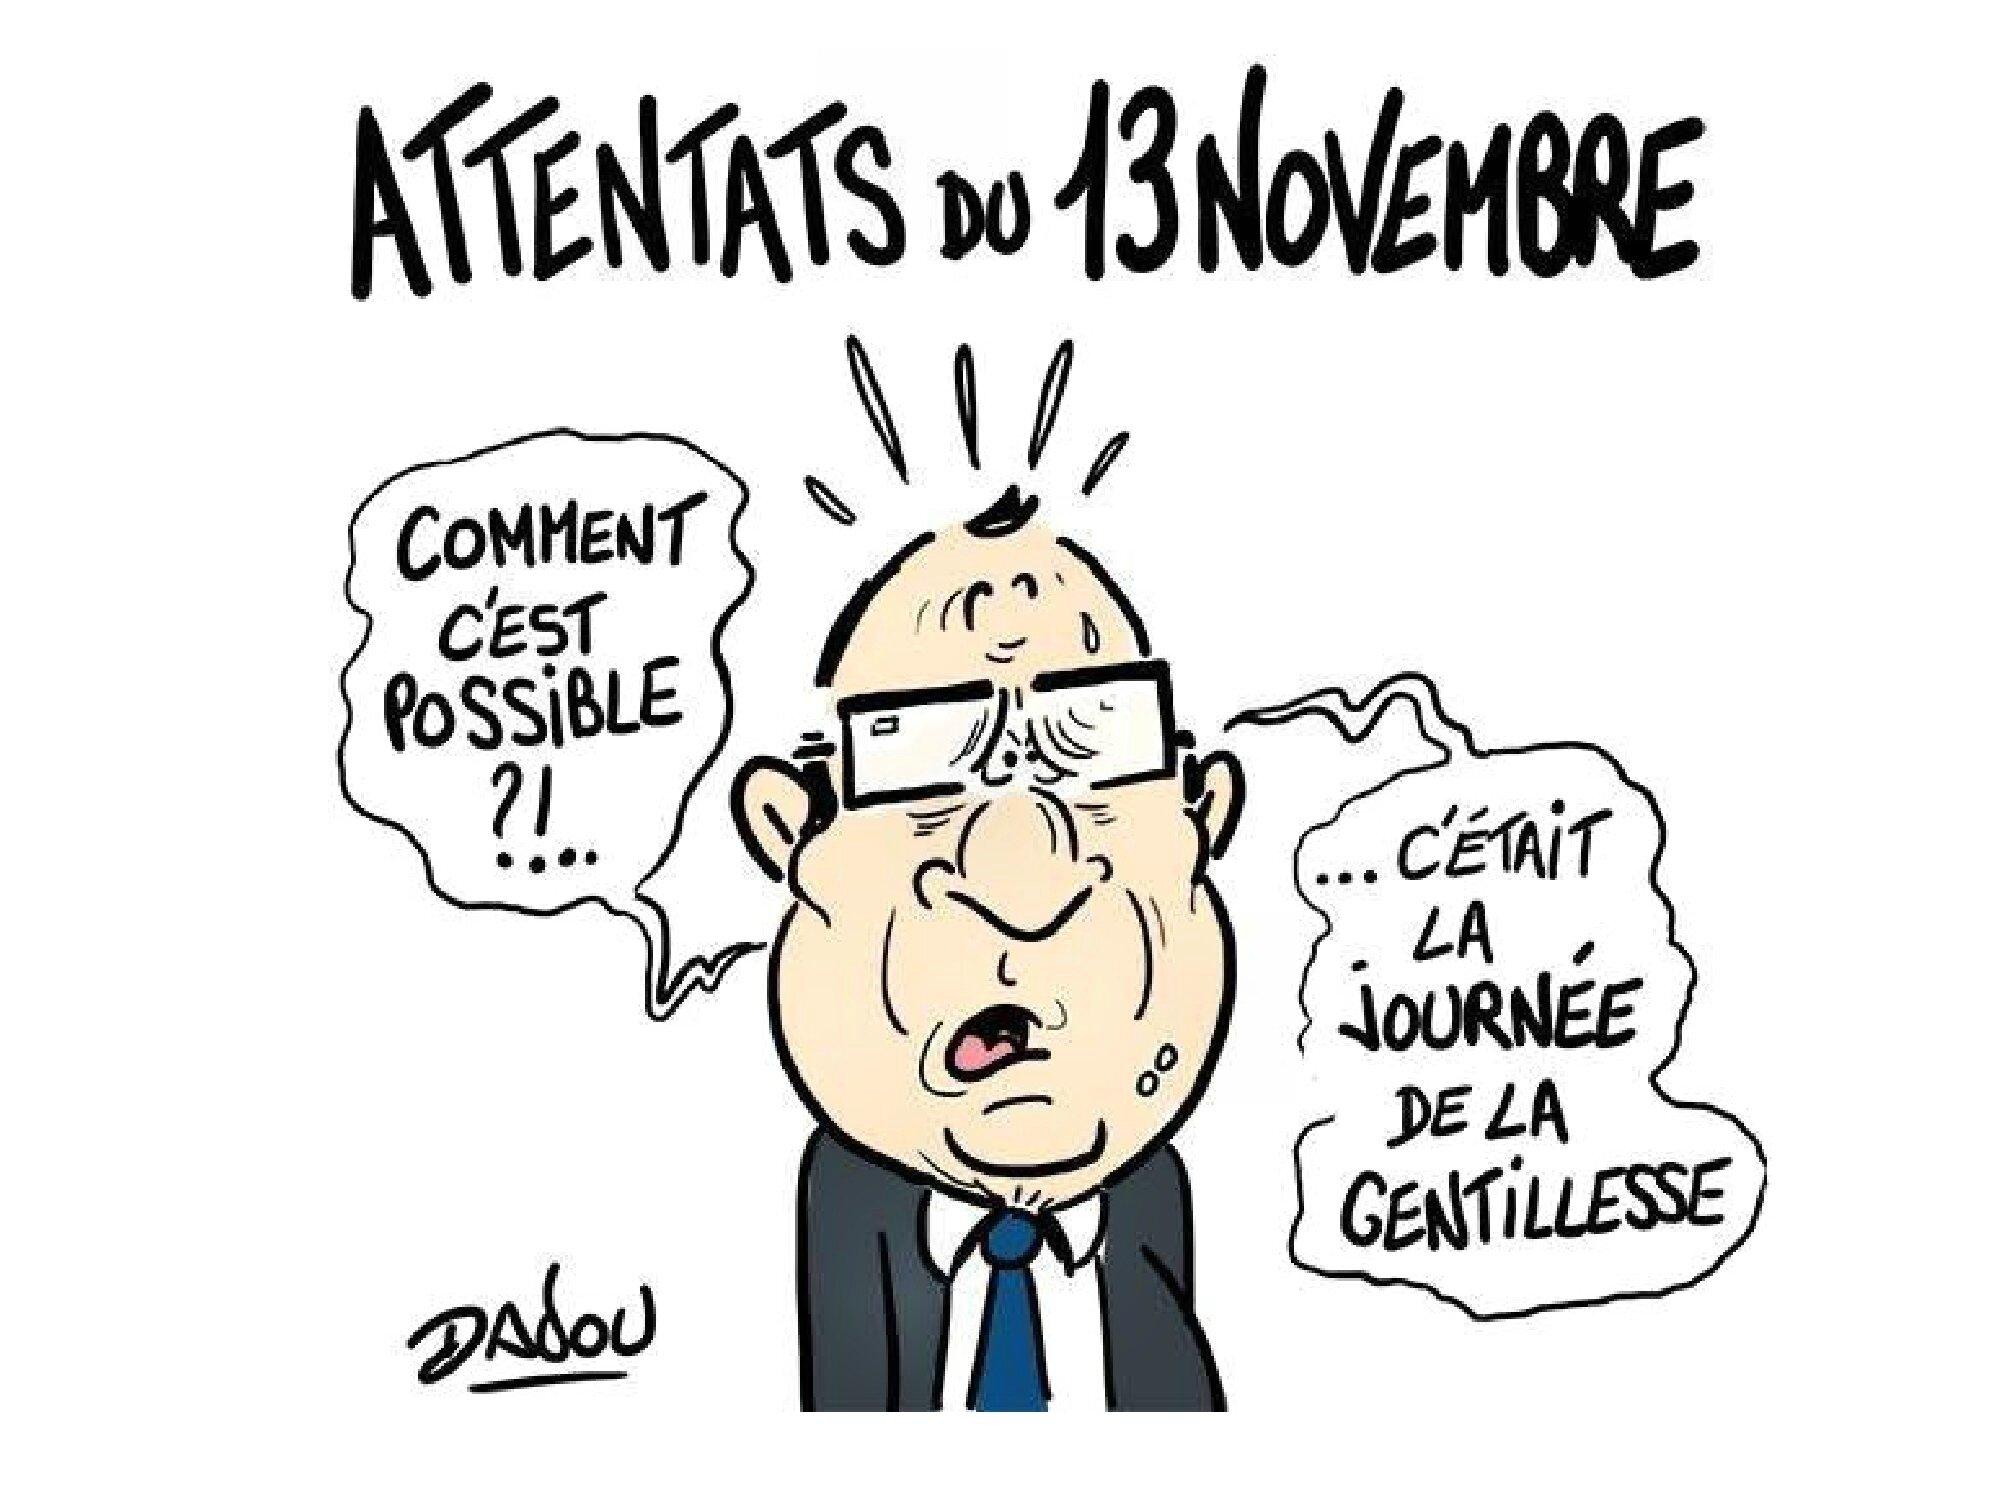 HOMMAGE des dessinateurs aux victimes des attentats de Paris 13 novembre 2015 (12)